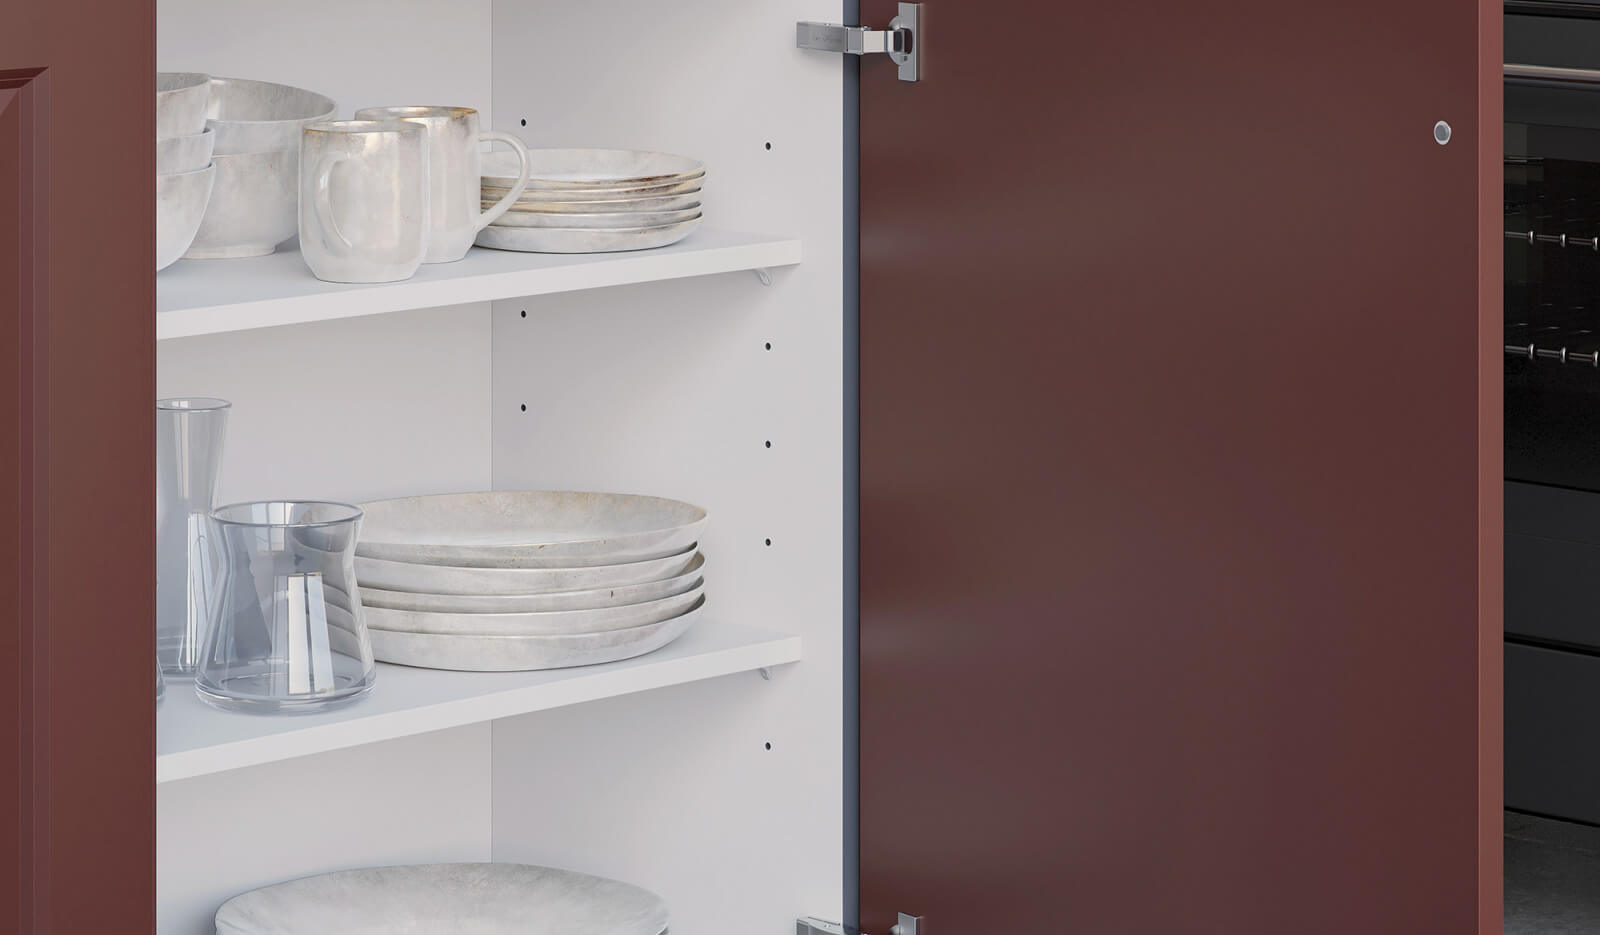 Keuken Rustiek robijnrood - opbergruimte